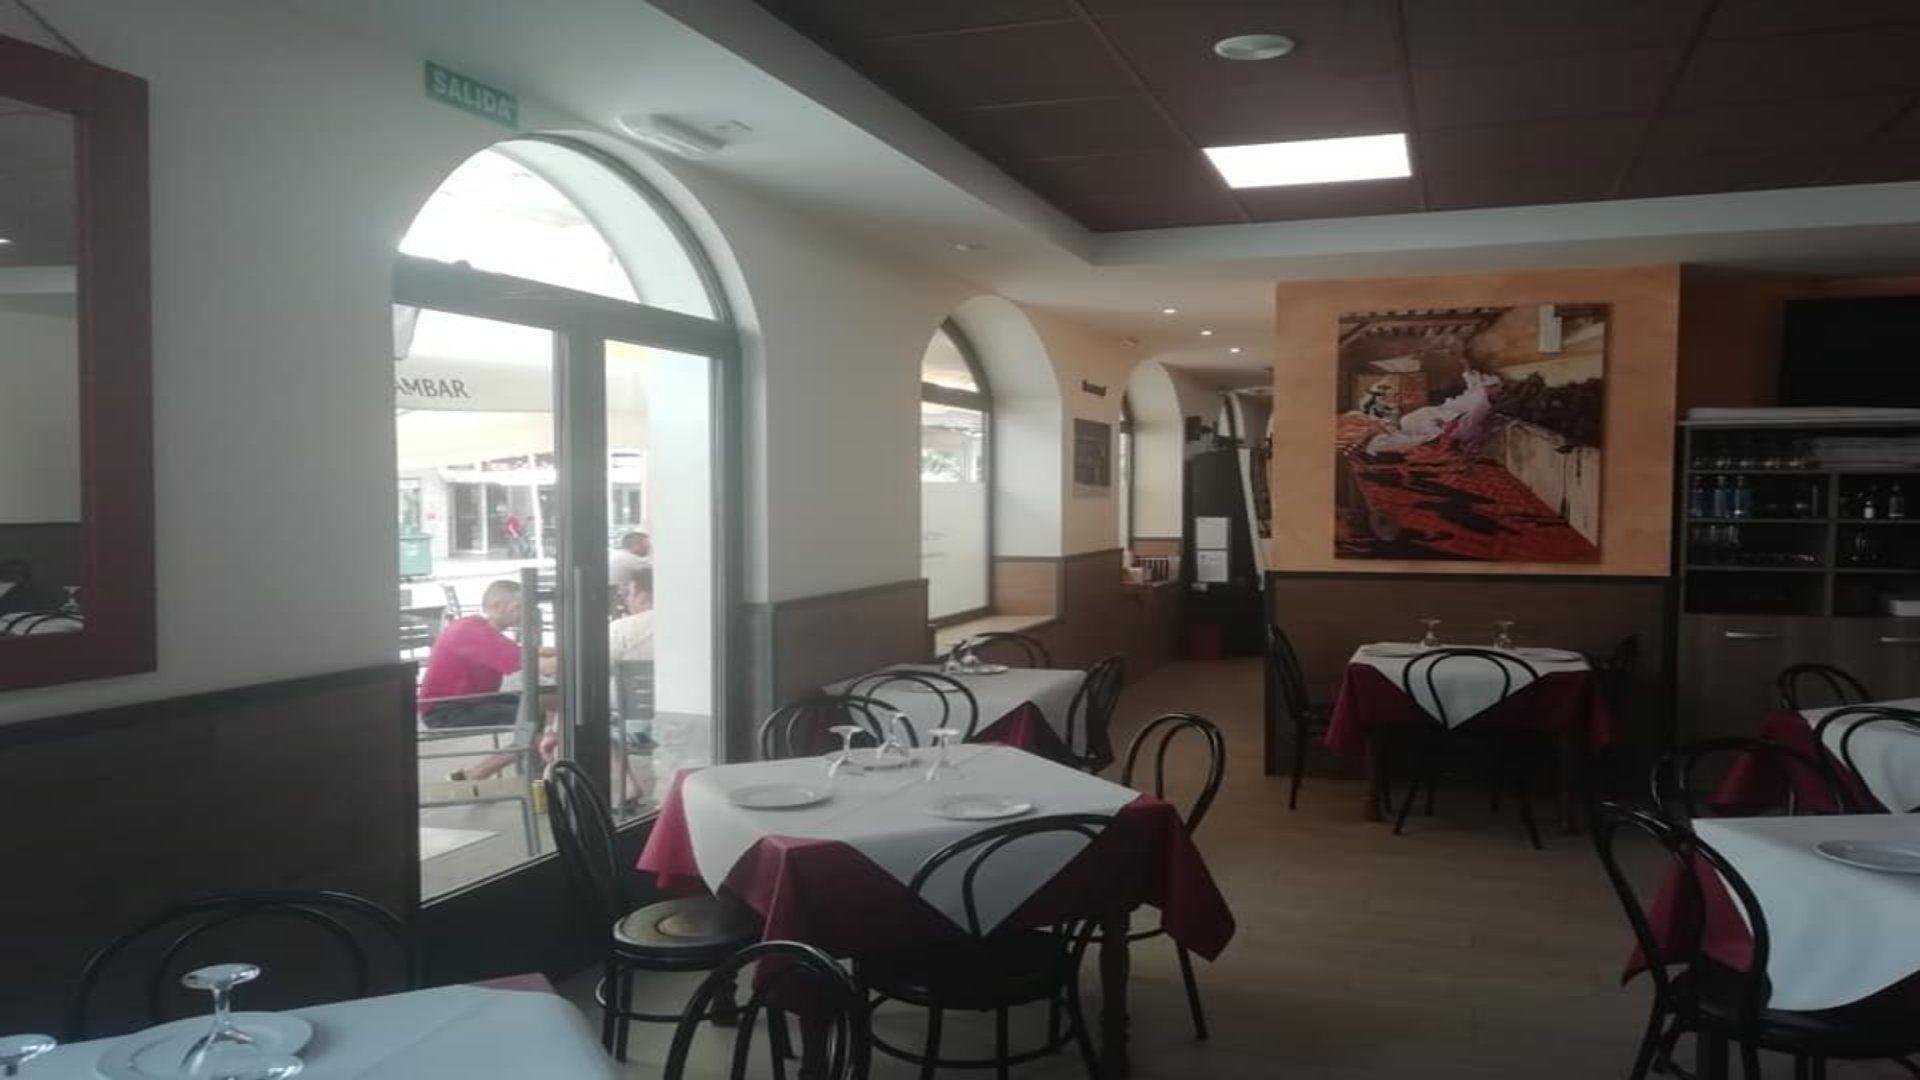 Restaurante con menú diario en Valdepeñas